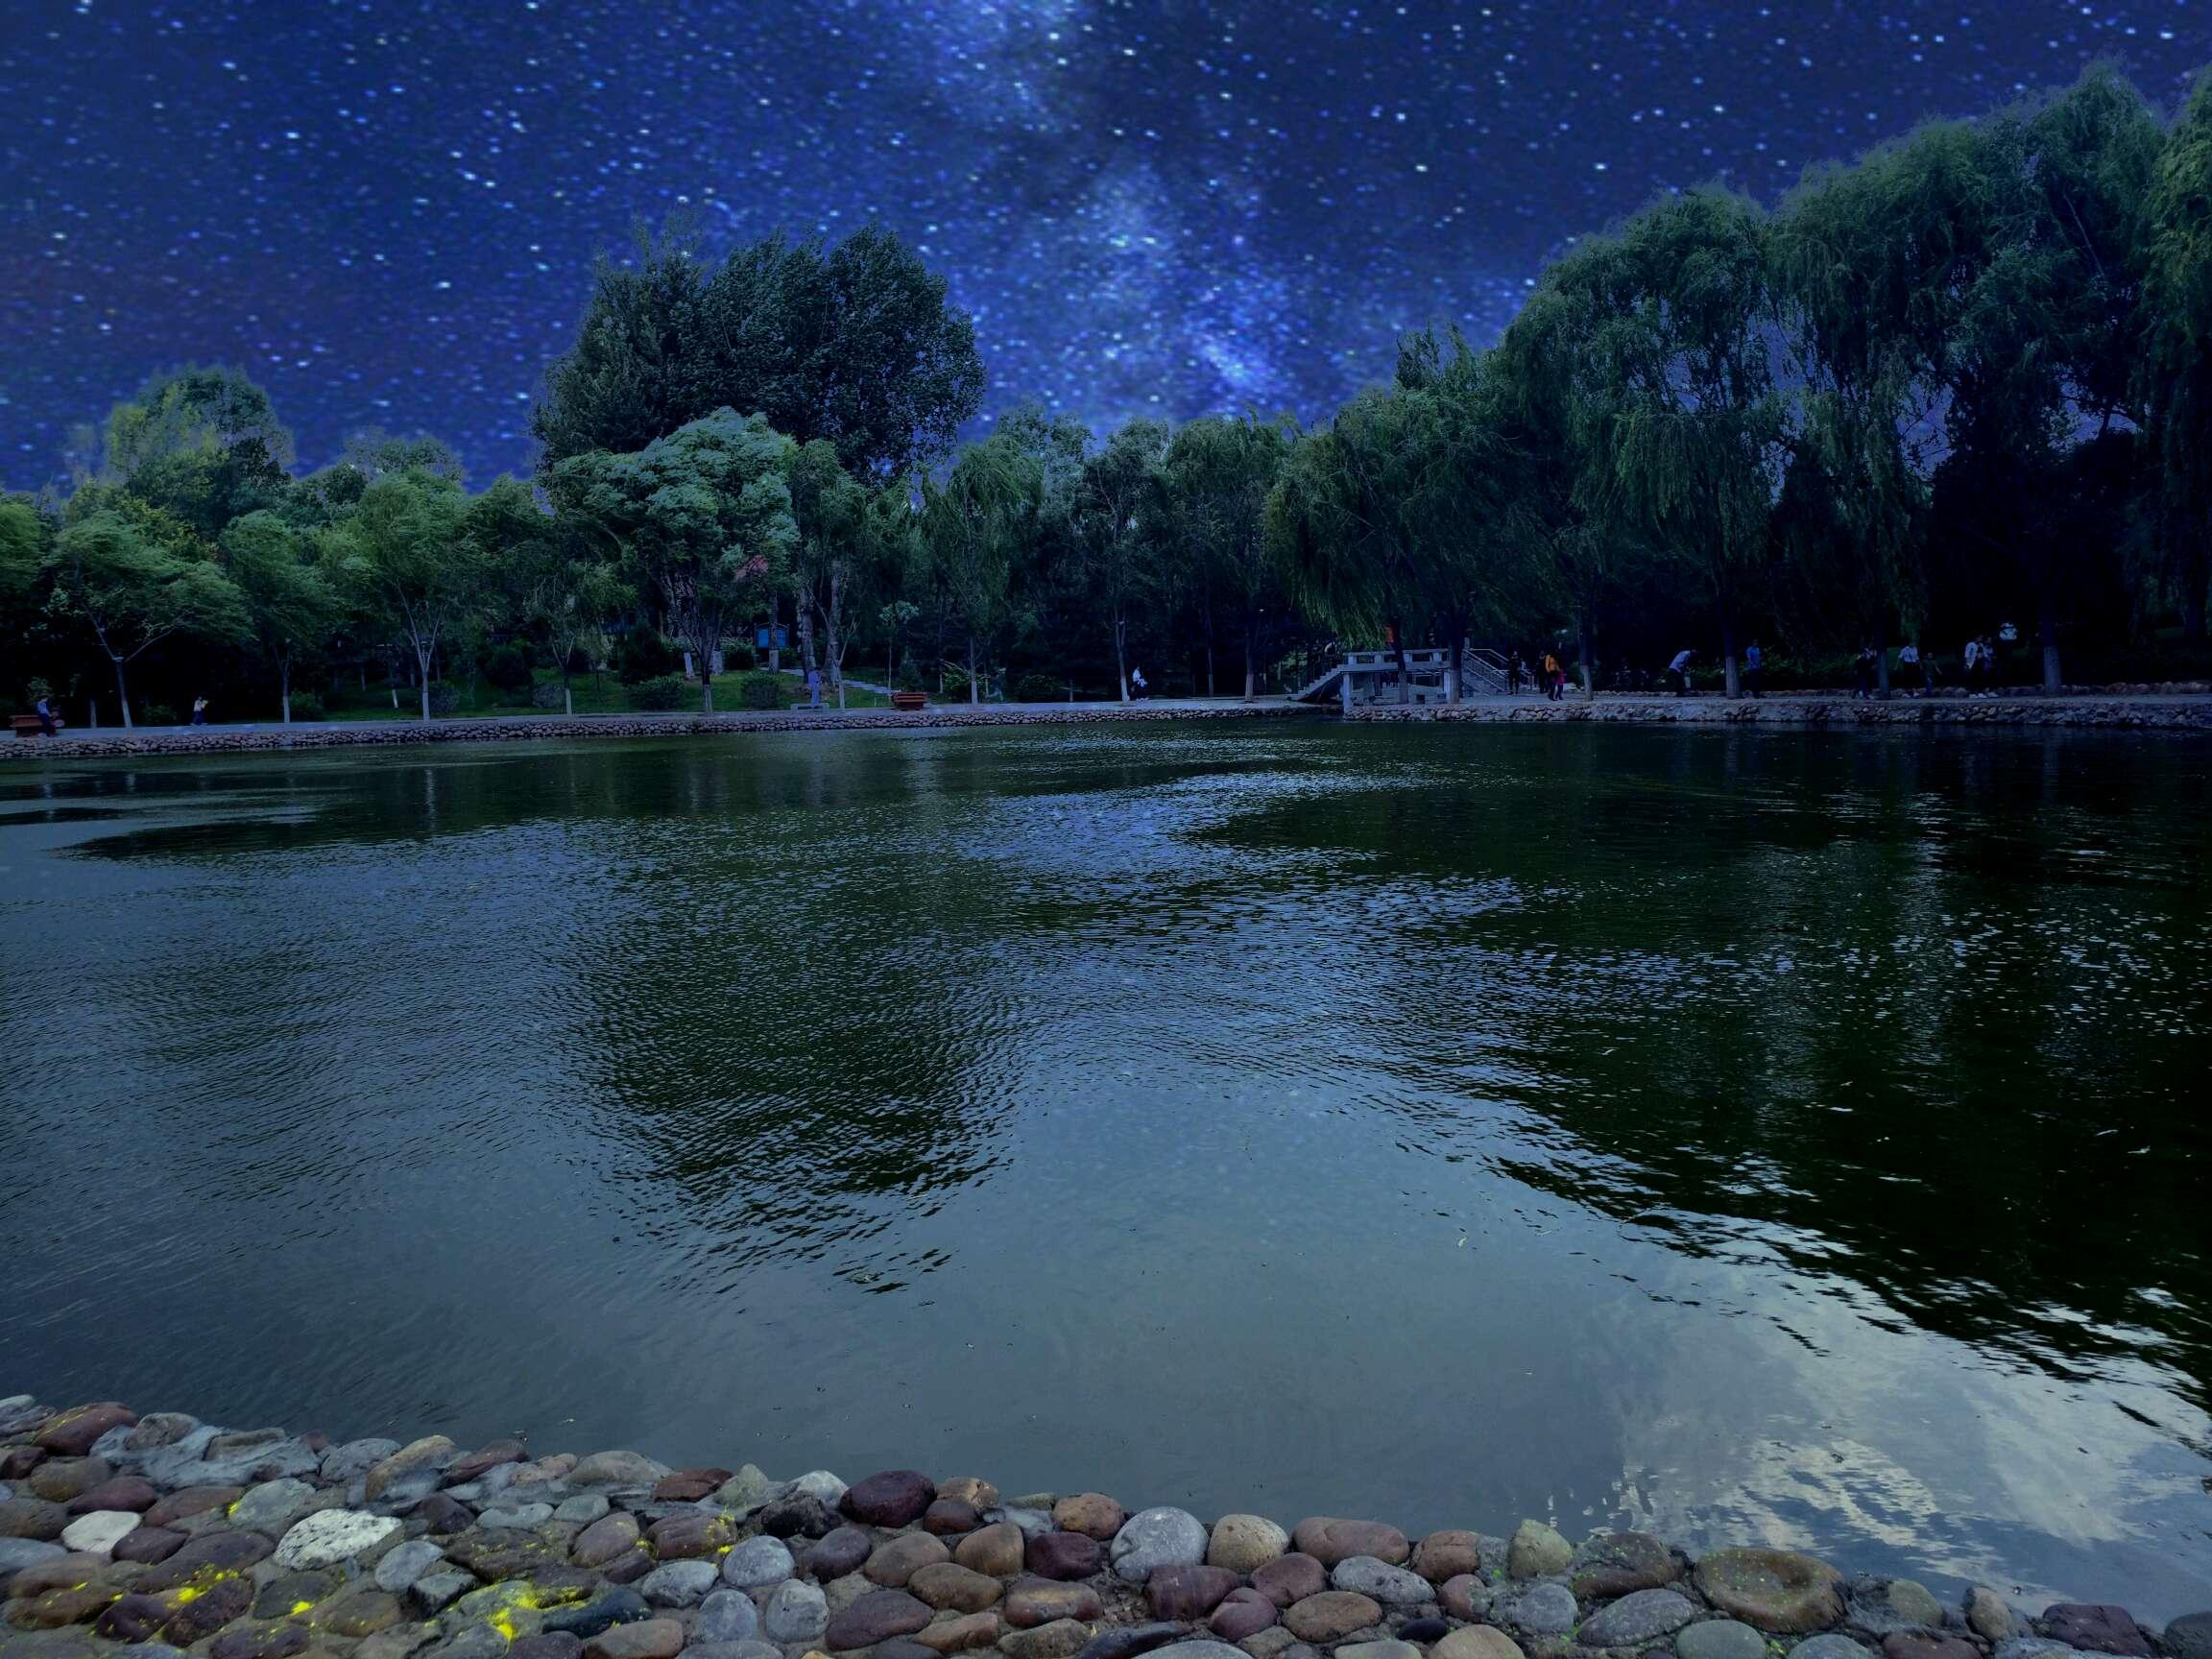 【最美照片】陕西神木杏花滩公园